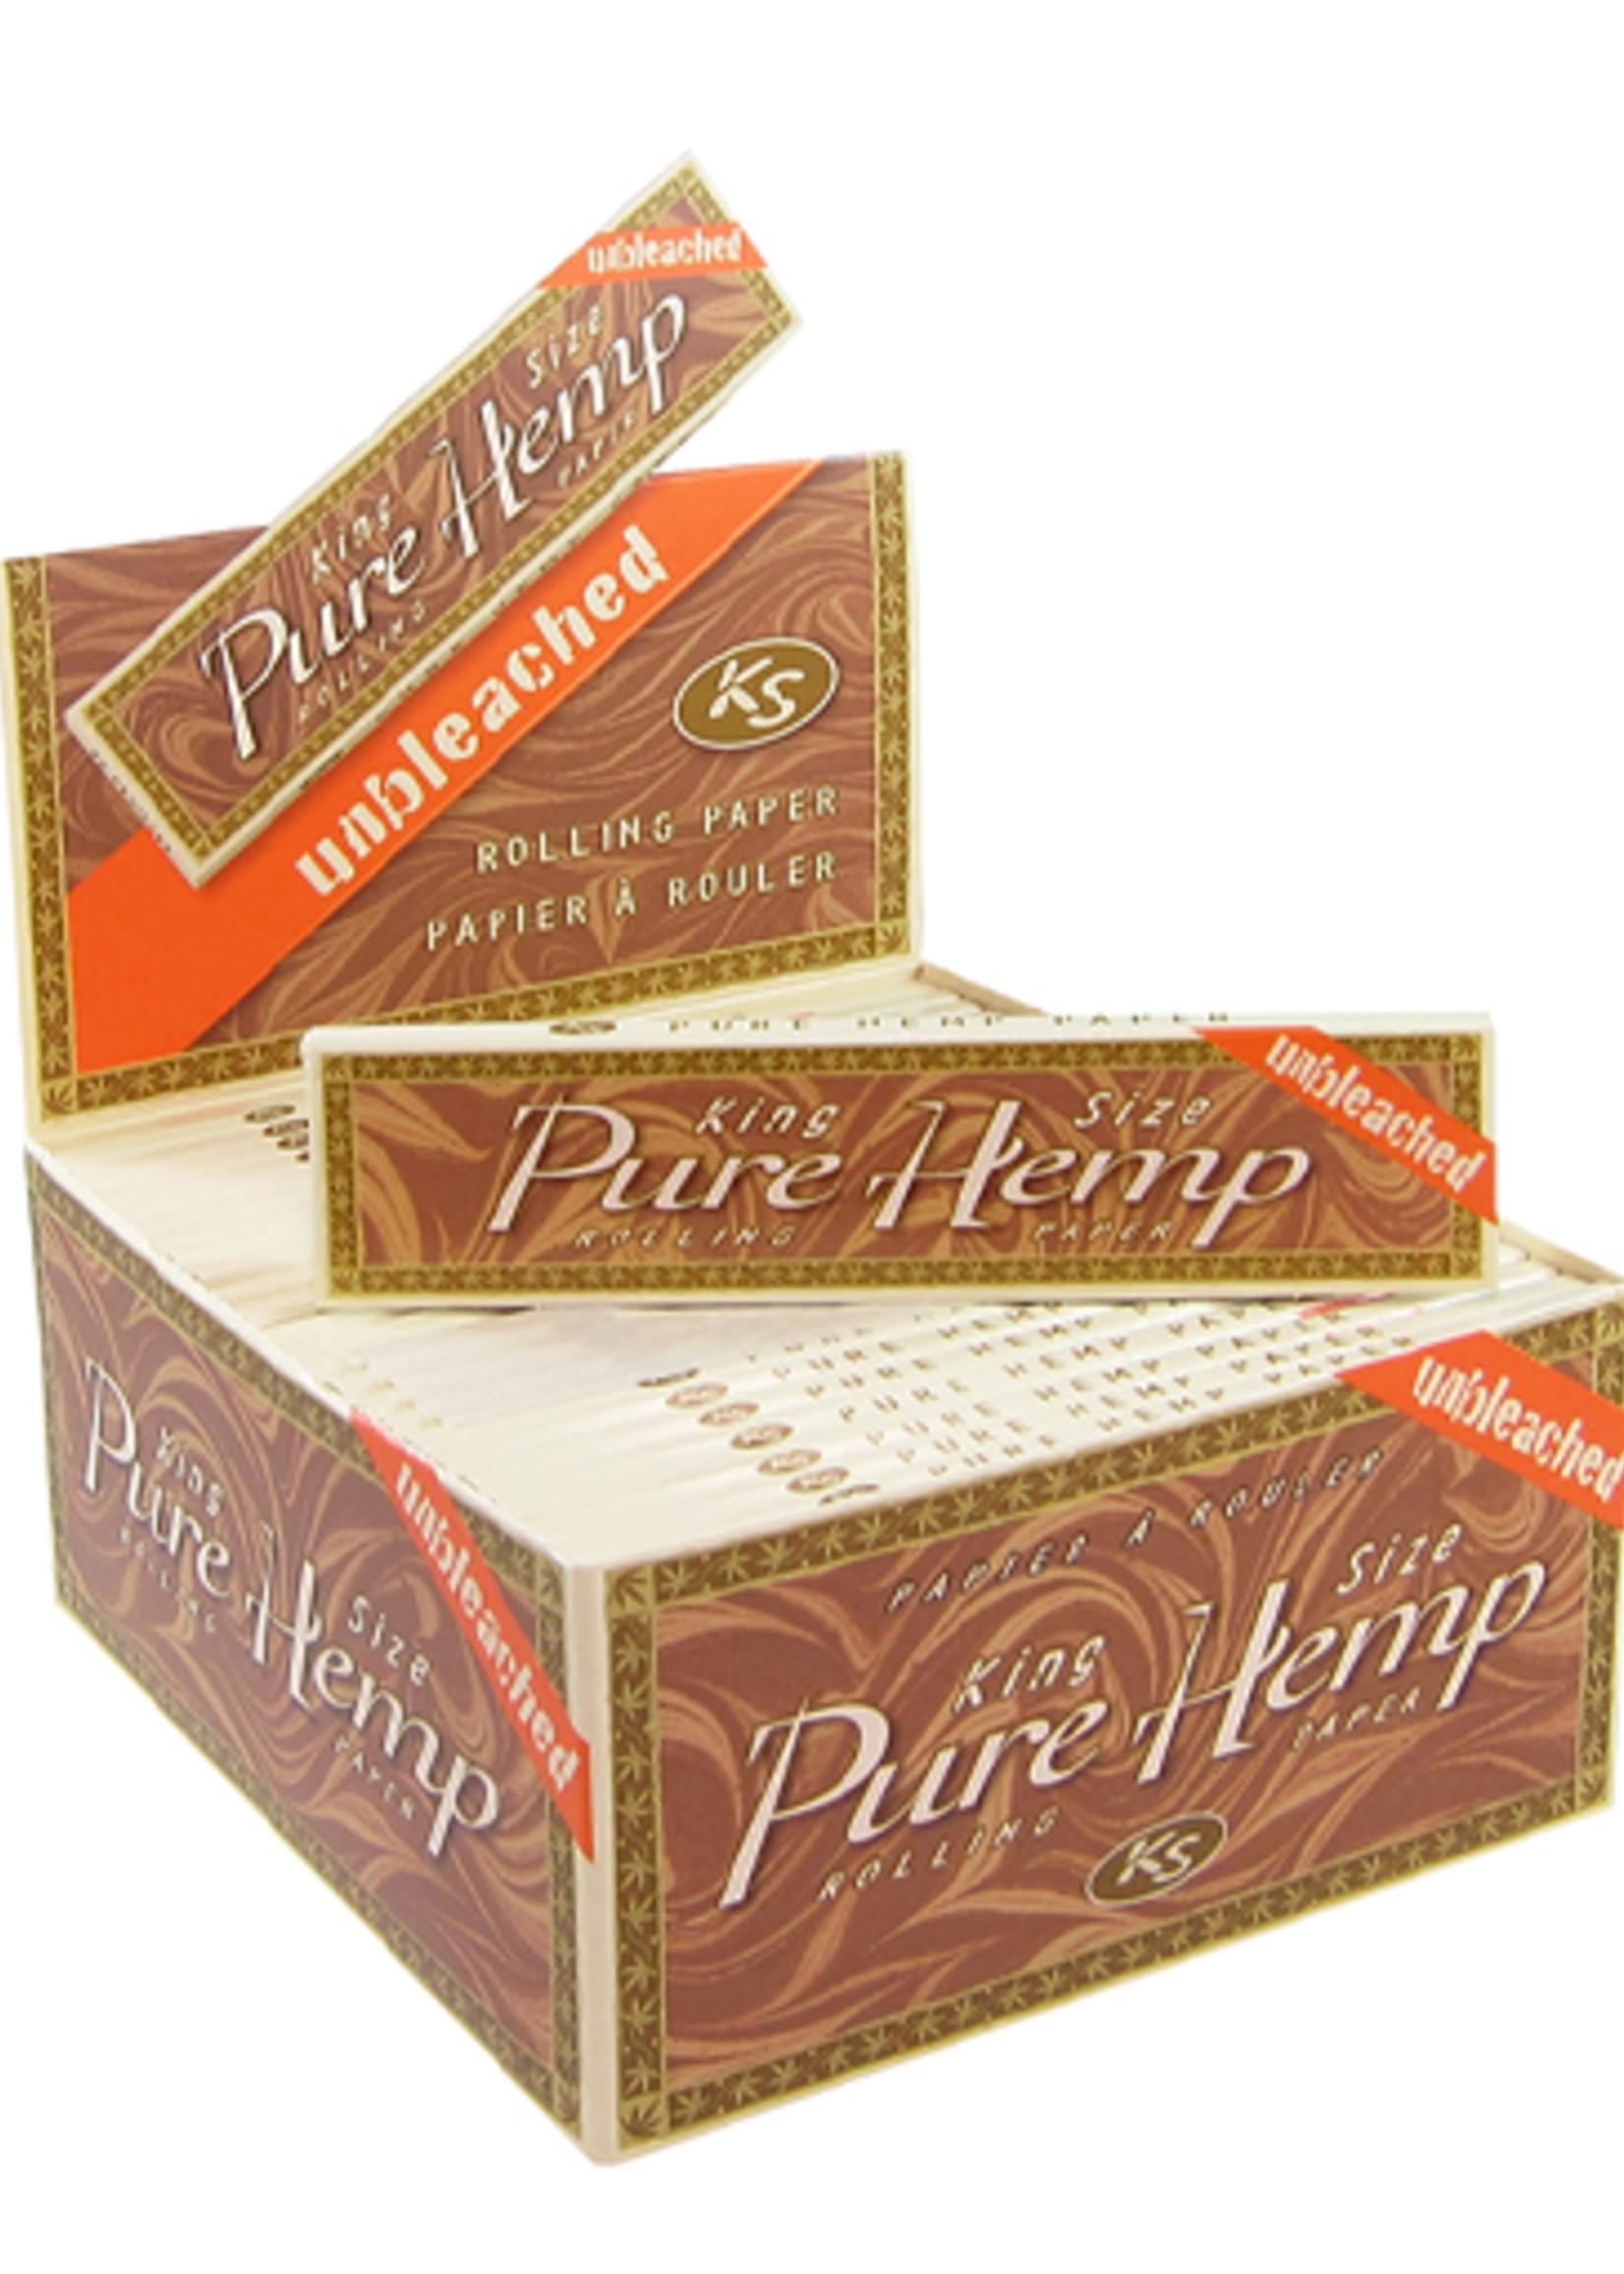 Pure hemp - Rolling paper